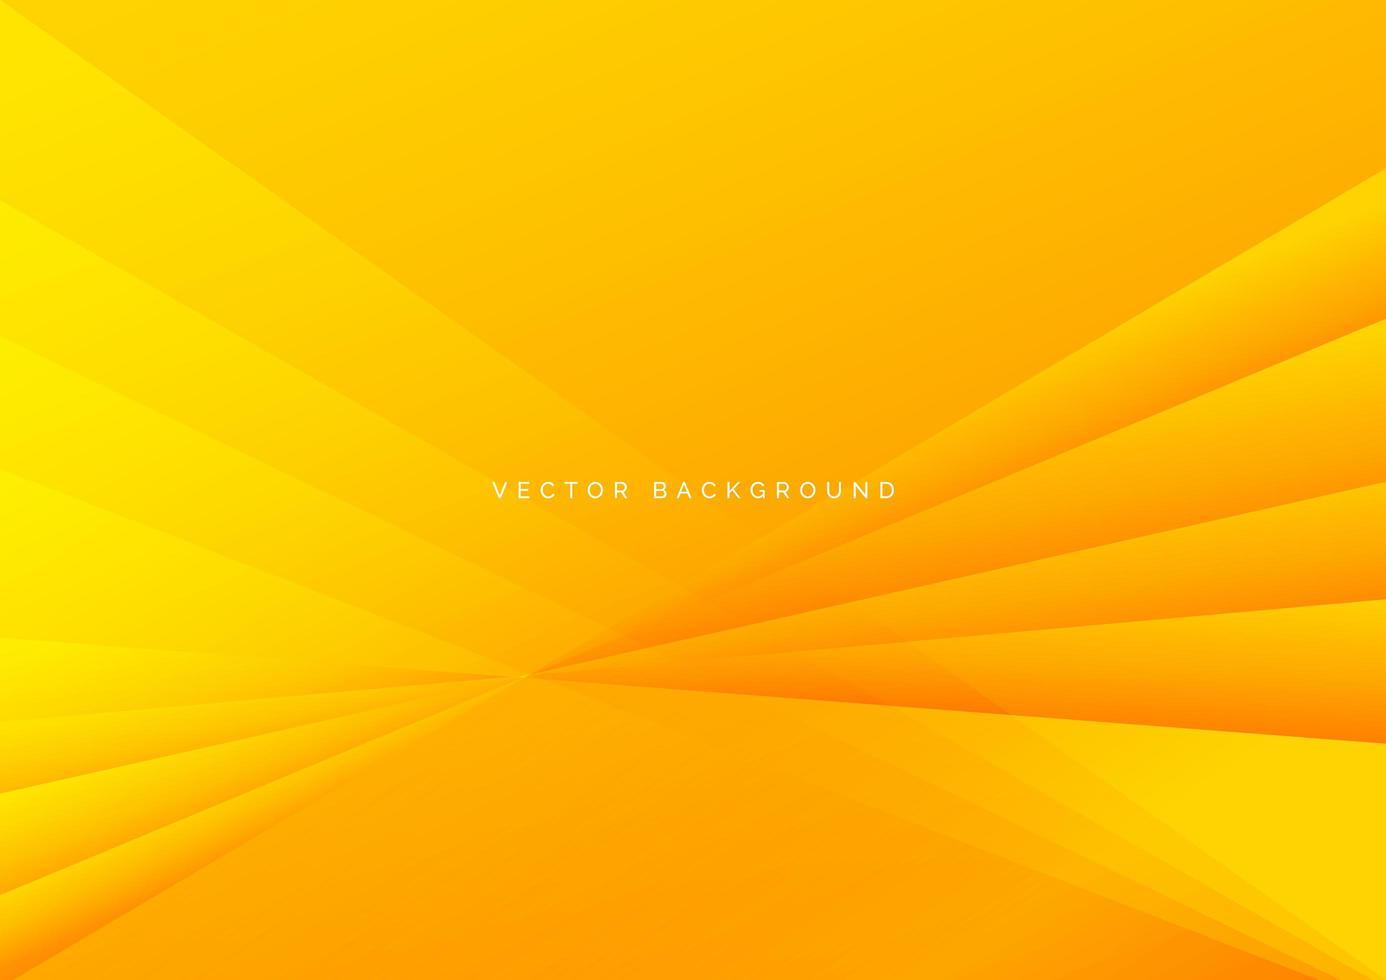 abstrakter und geometrischer gelber und orange diagonaler Hintergrund vektor